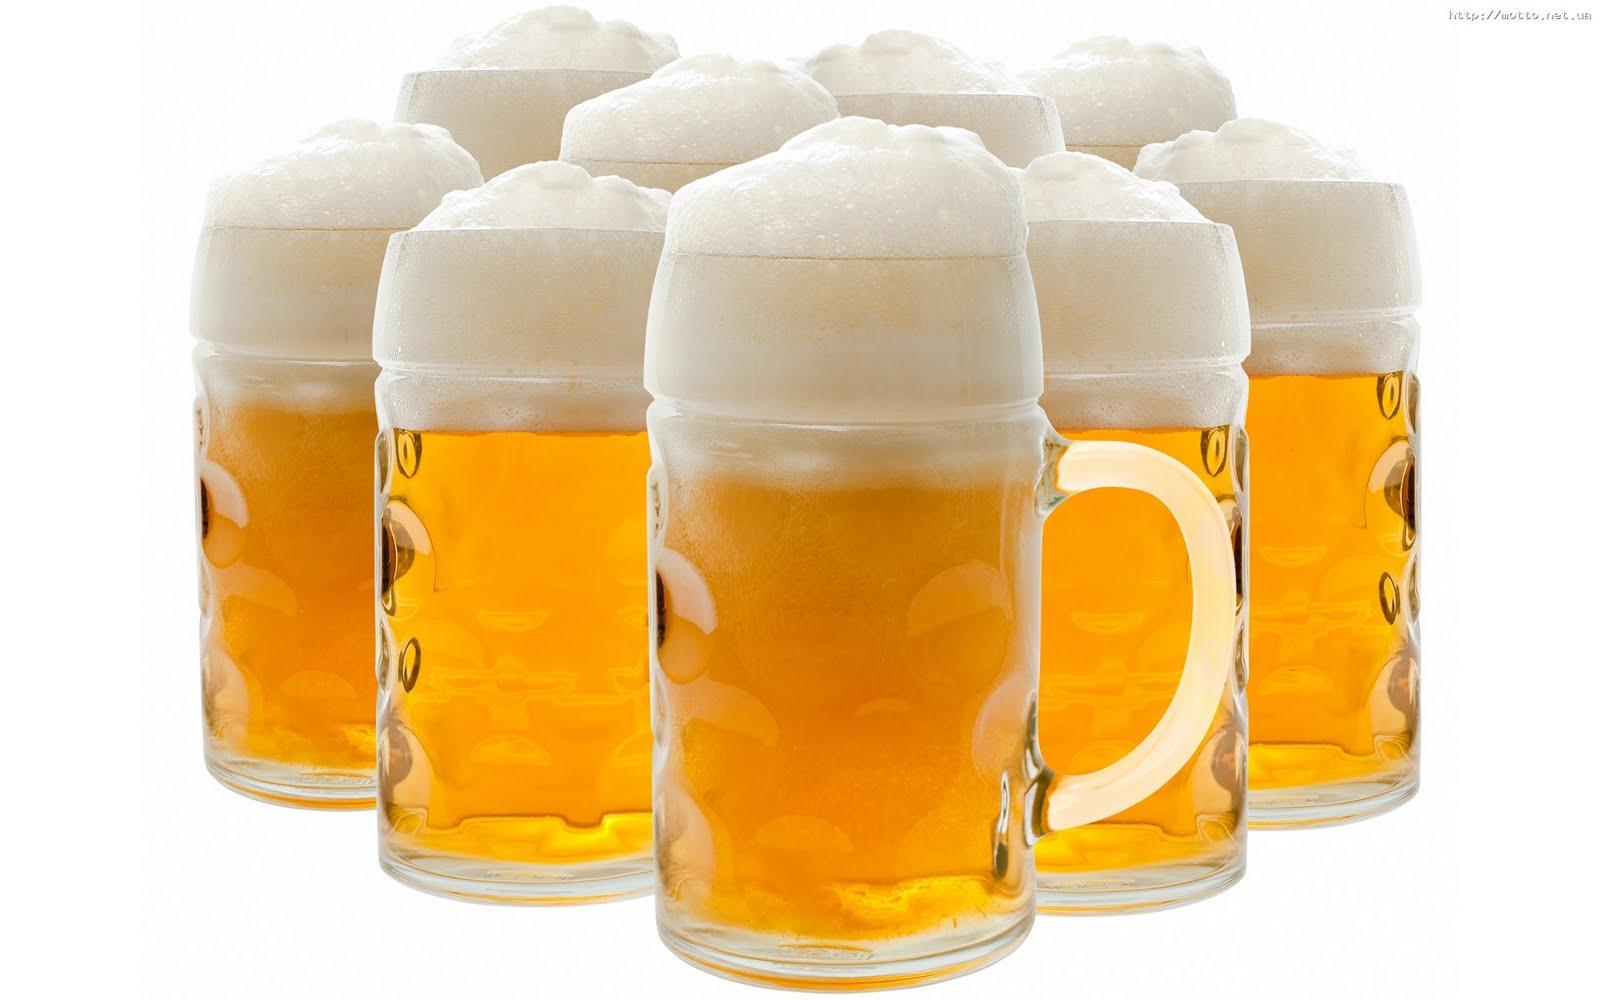 Можно ли пить пиво при сахарном диабете фото